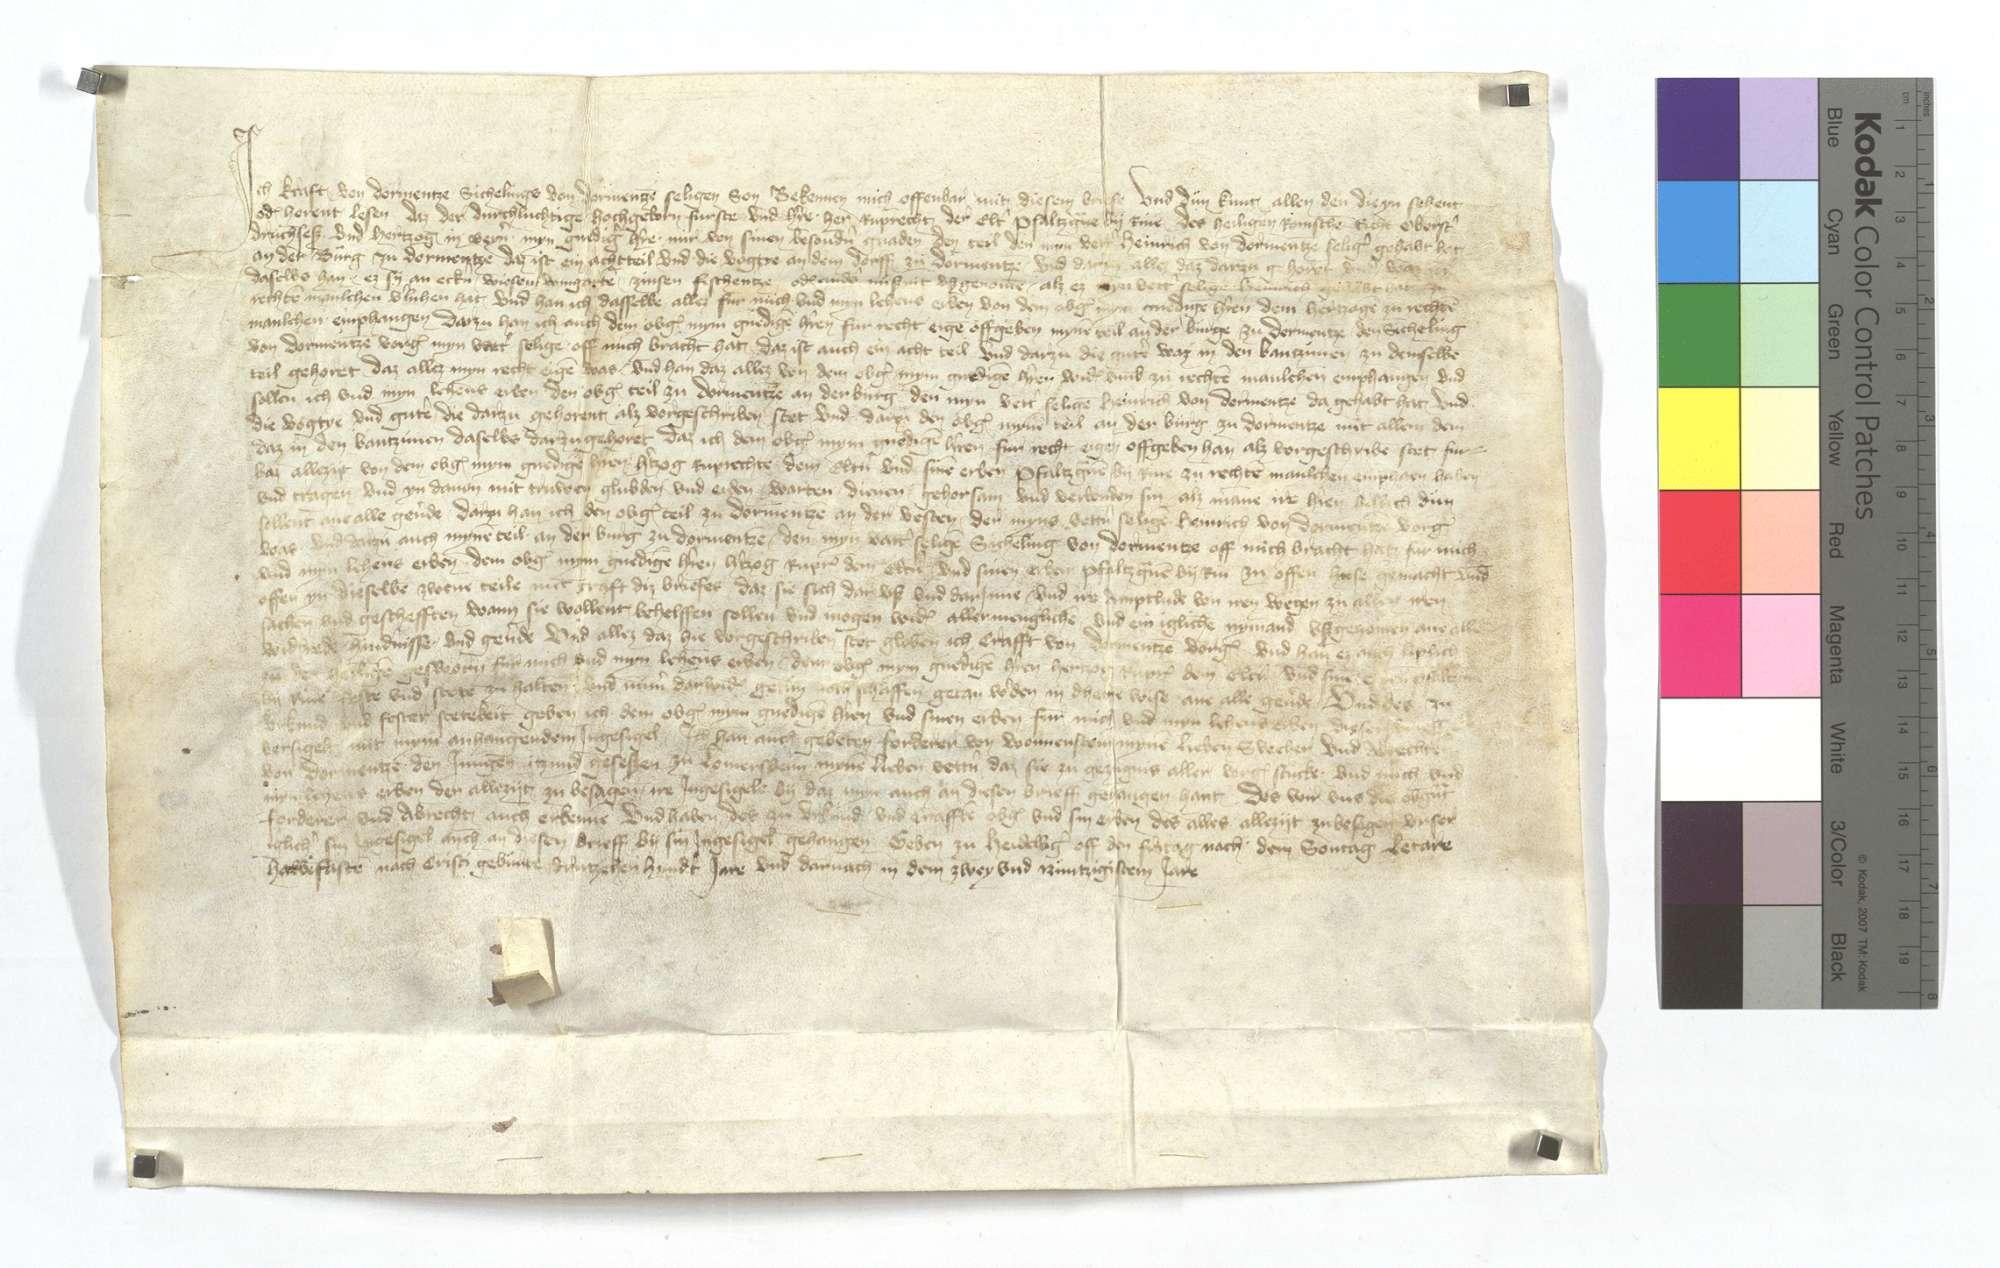 Craft von Dürrmenz, Sichlings von Dürrmenz sel. Sohn, stellt dem Pfalzgrafen Ruprecht dem Älteren bei Rhein über das Achtel an der Burg in Dürrmenz, das vorher sein Vetter selig, Heinrich von Dürrmenz, gehabt hat, einen Lehensrevers aus., Text